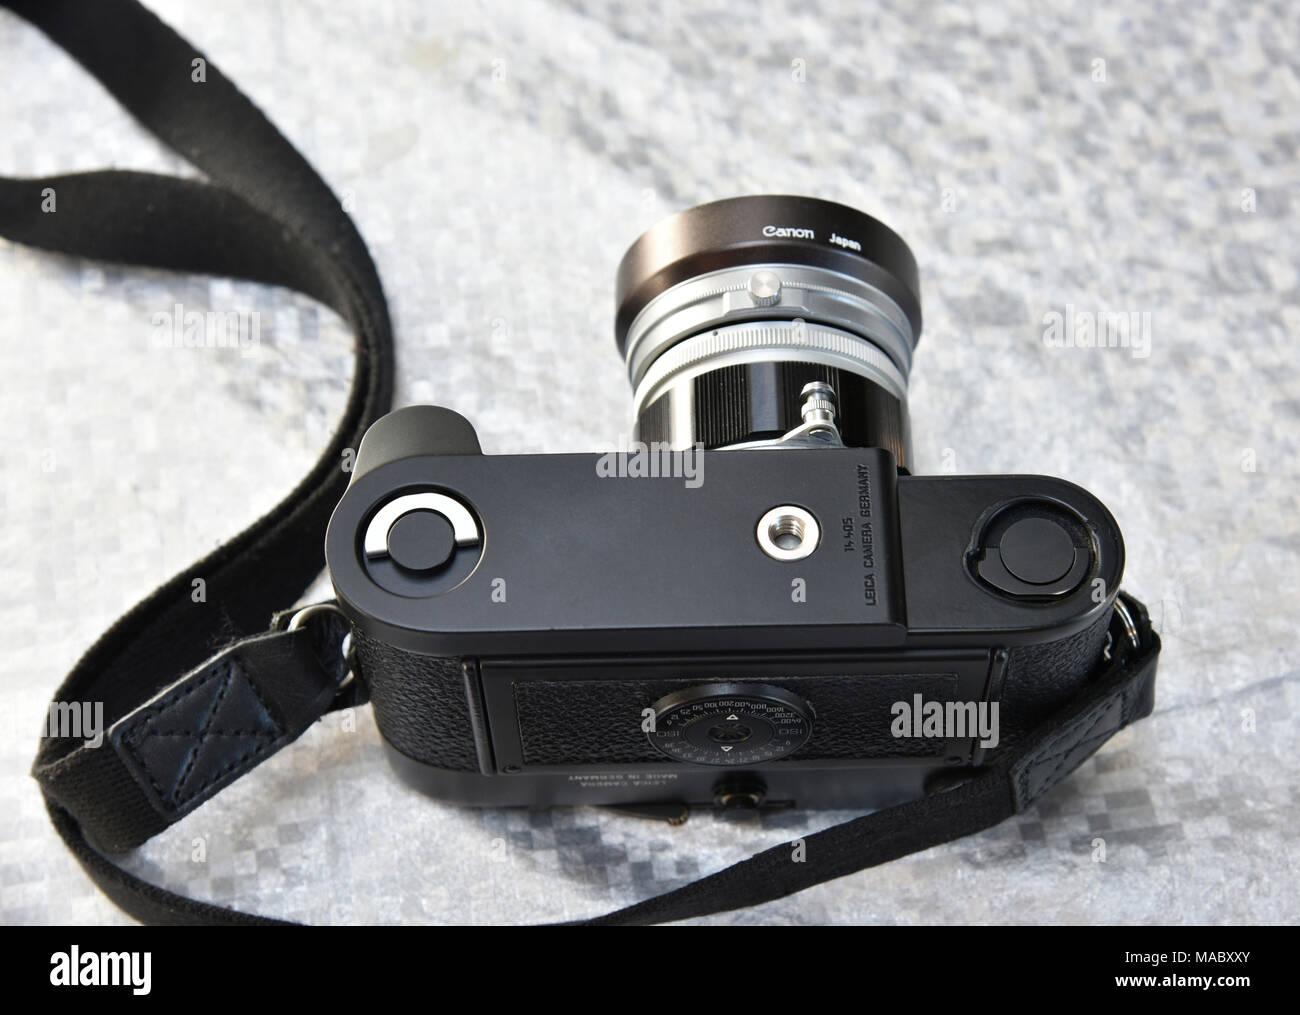 f50bb0c0728a Klassische leica 0,85 M6 mit Canon 50mm f/1.4 Objektiv und leica m Griff